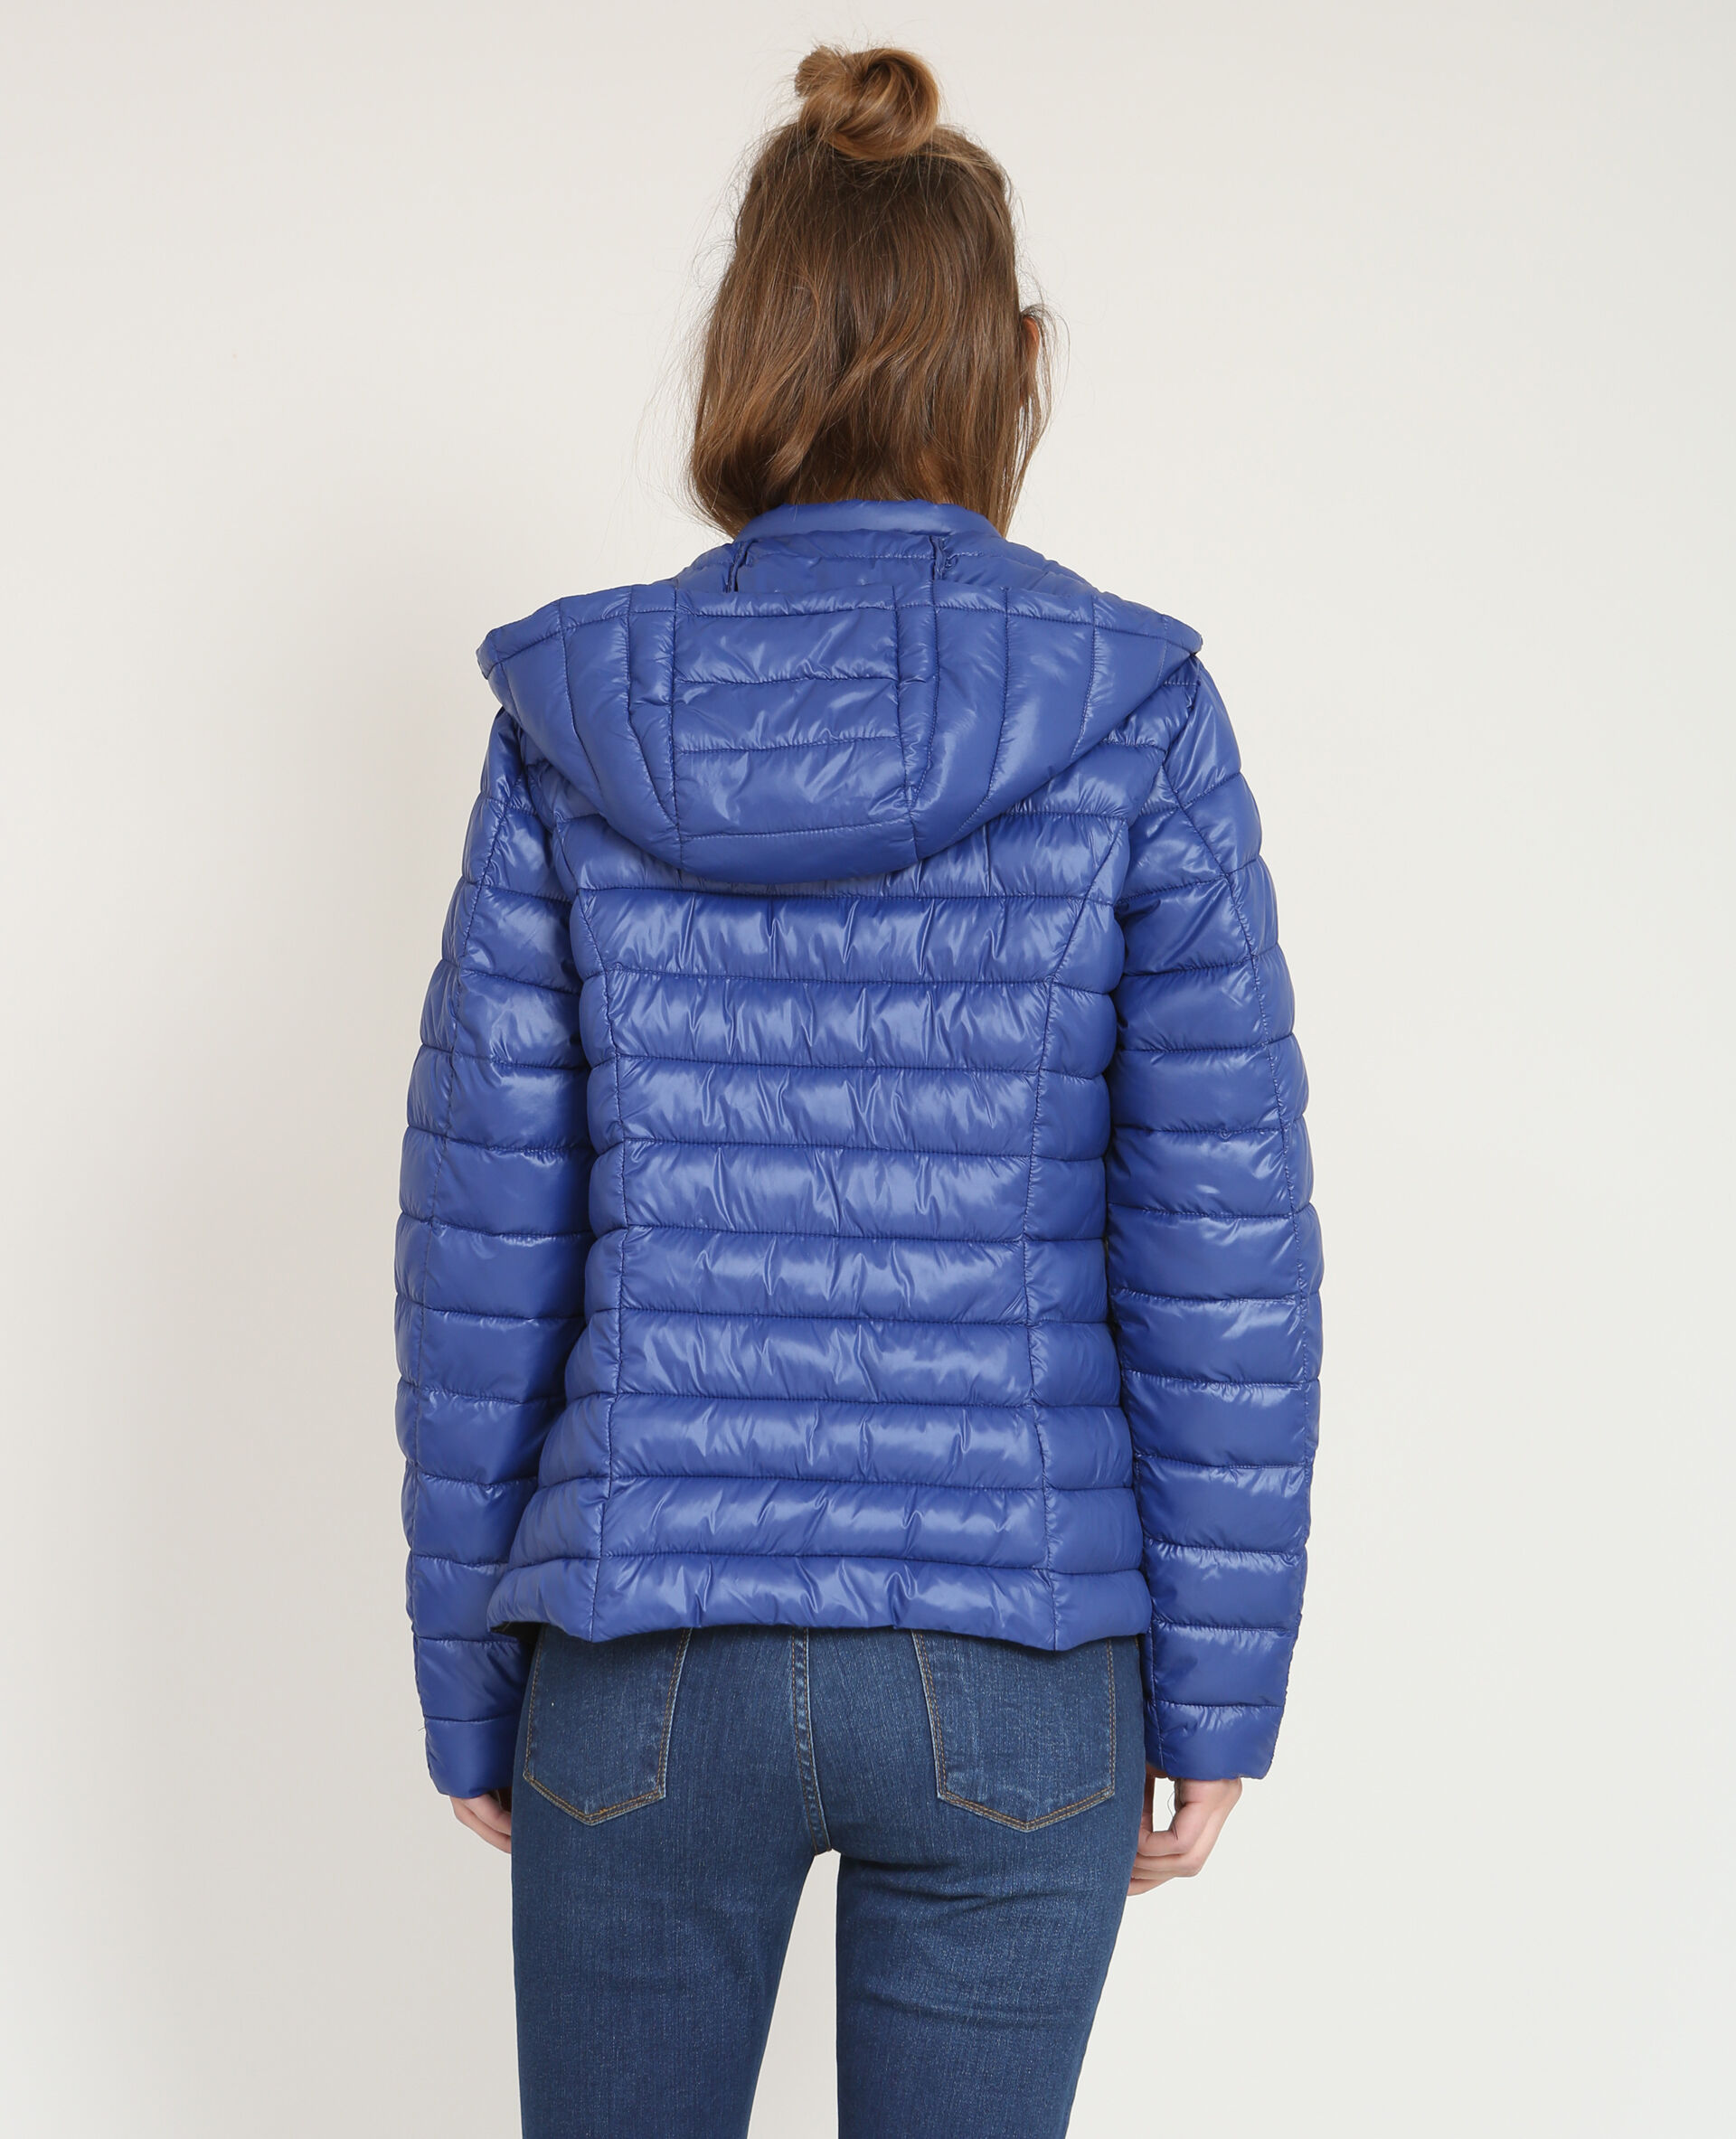 Manteau printemps femme kaki